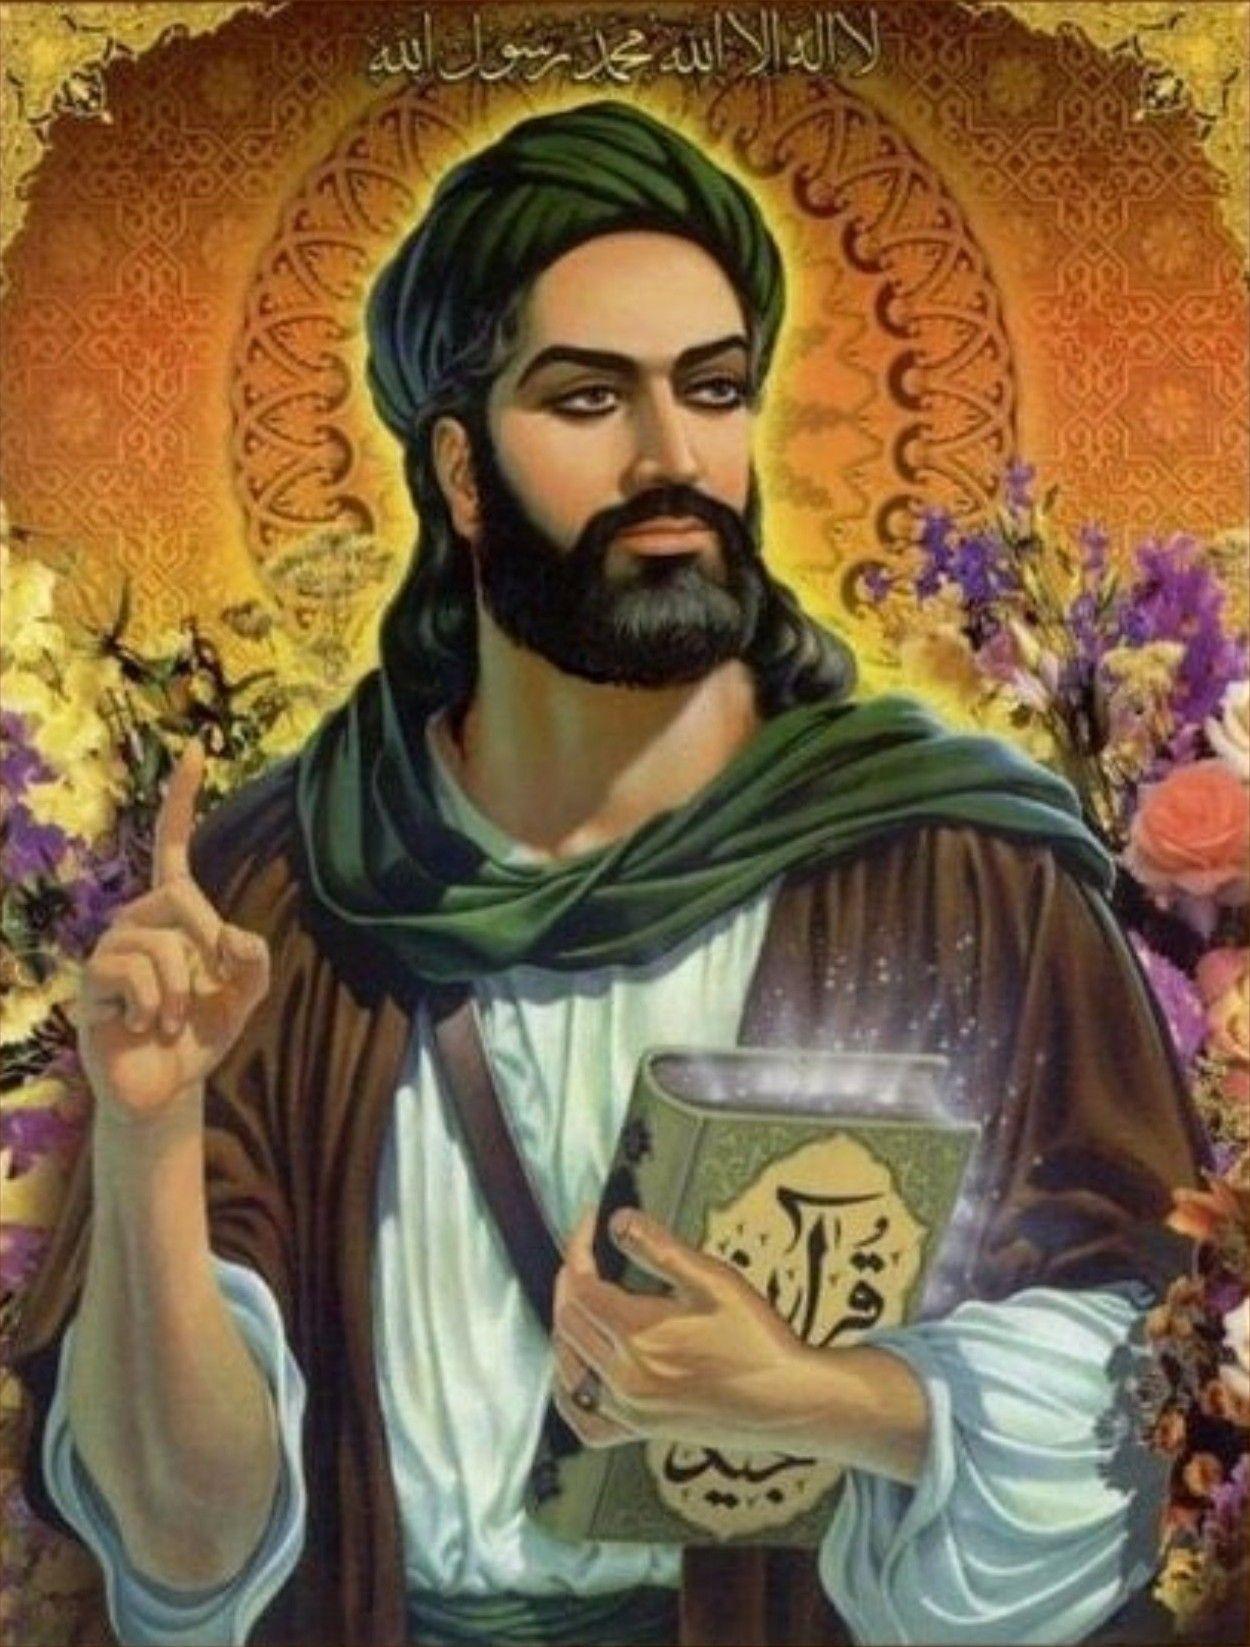 вам потребуется картинки пророк мухаммад изображение изнаночной стороны